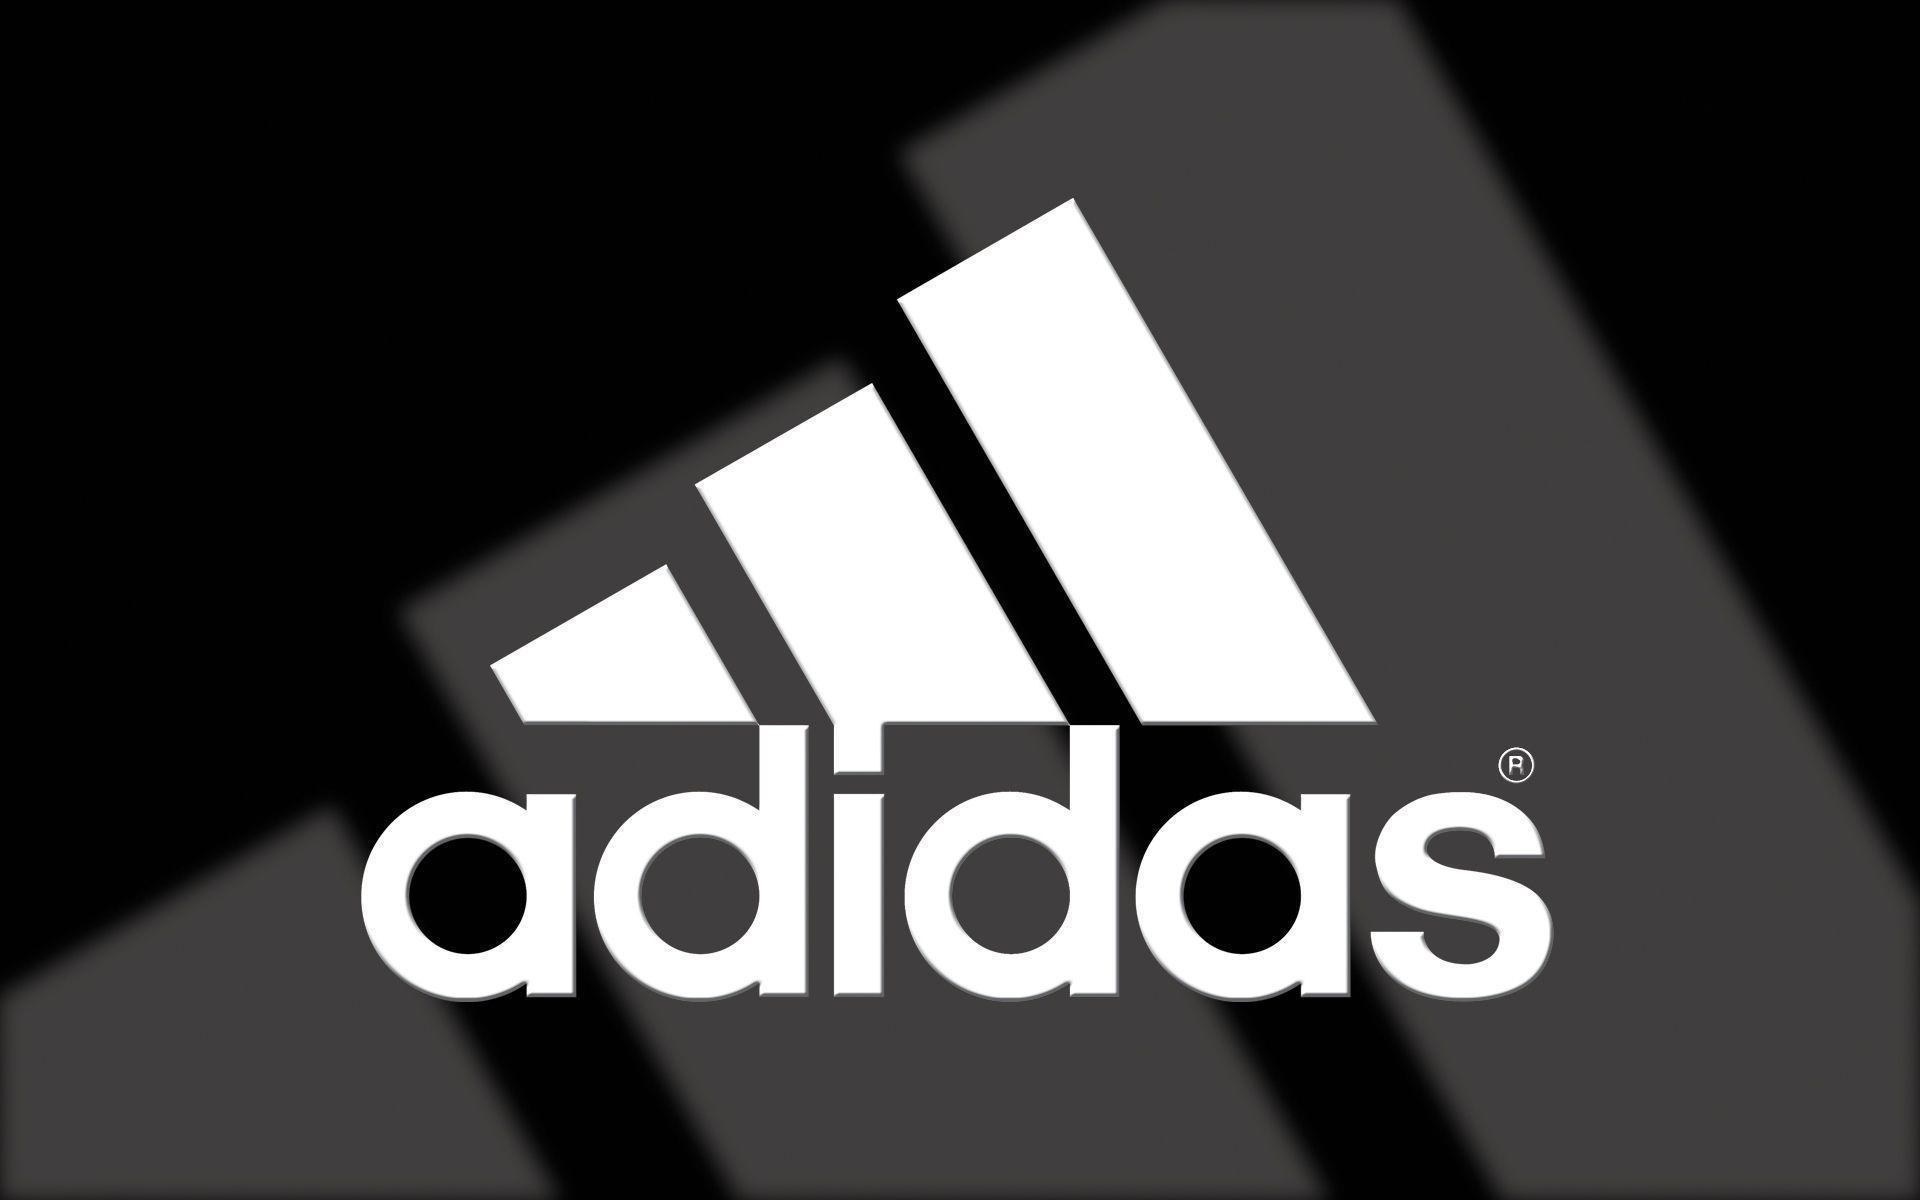 Los mejores wallpapers de Adidas y Nike - Taringa!